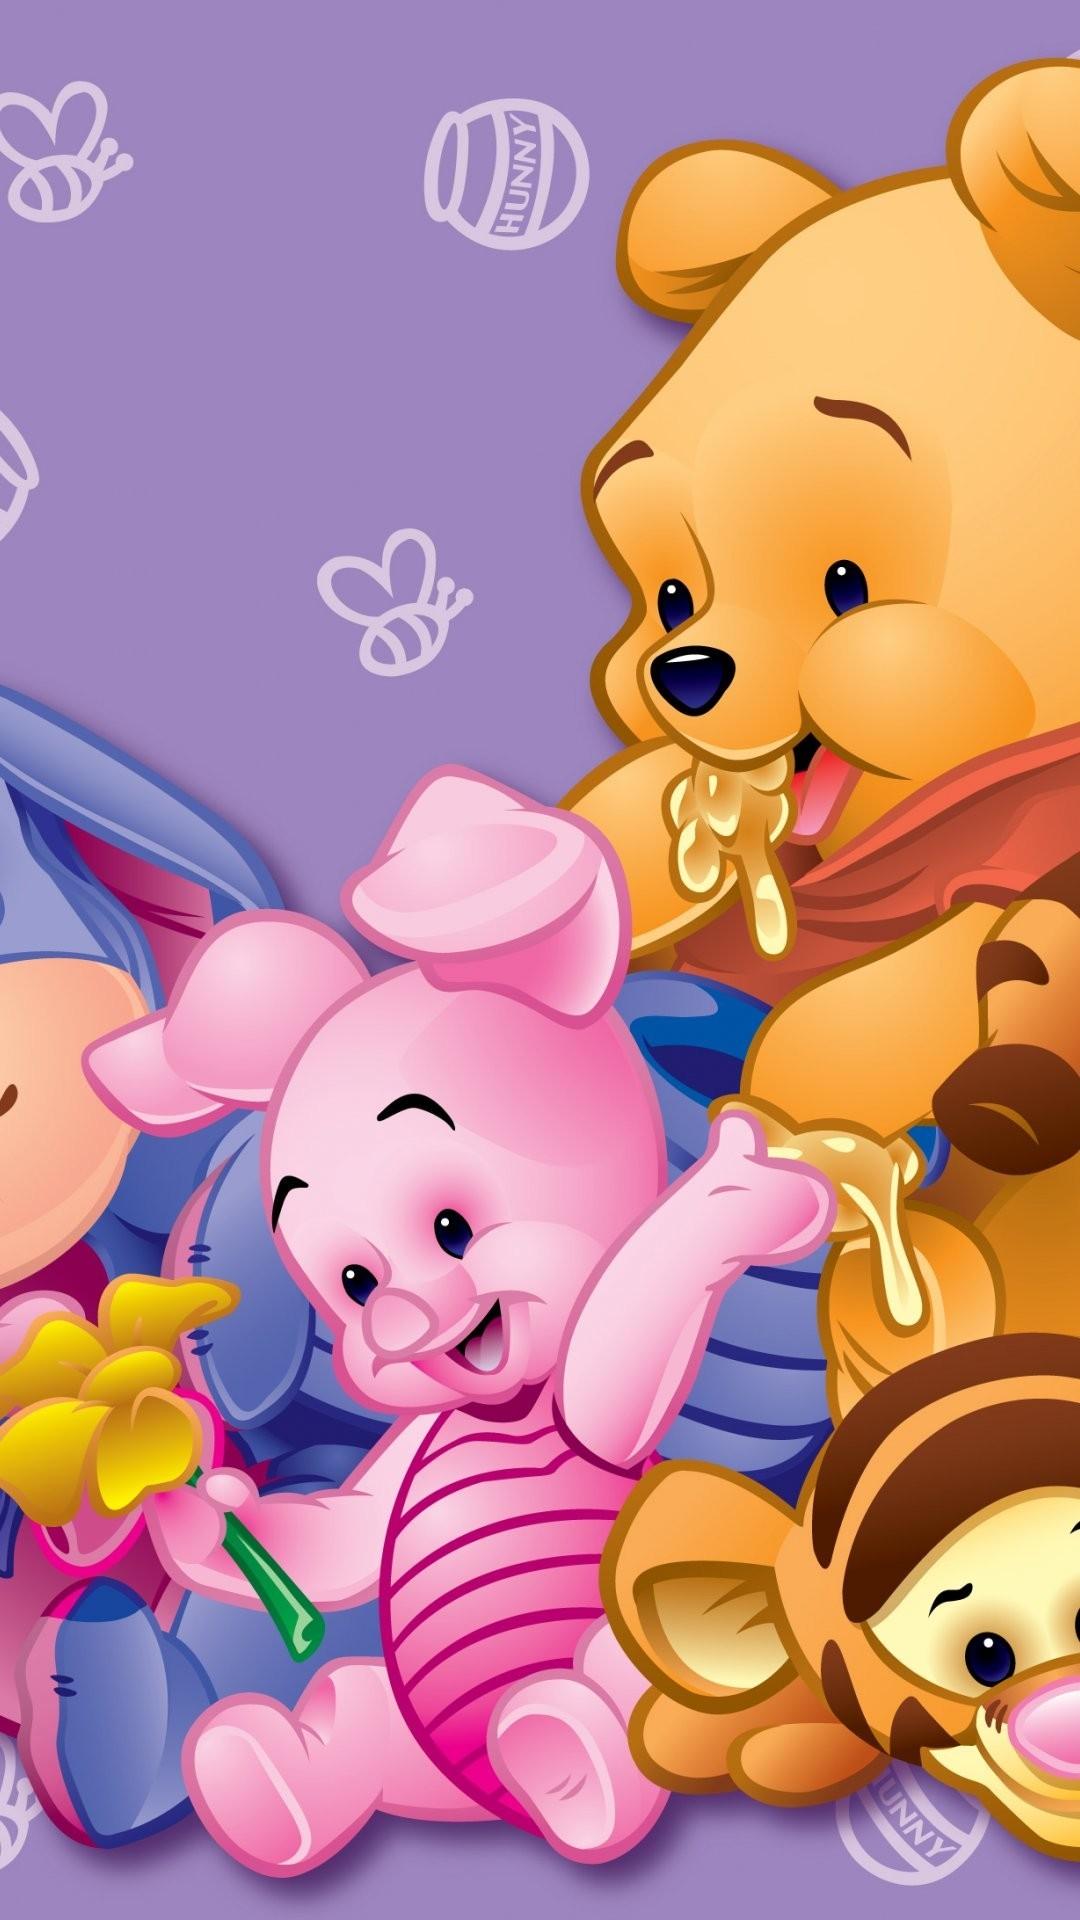 Winnie The Pooh IPhone Wallpapers | WeNeedFun Eeyore Wallpaper For Iphone